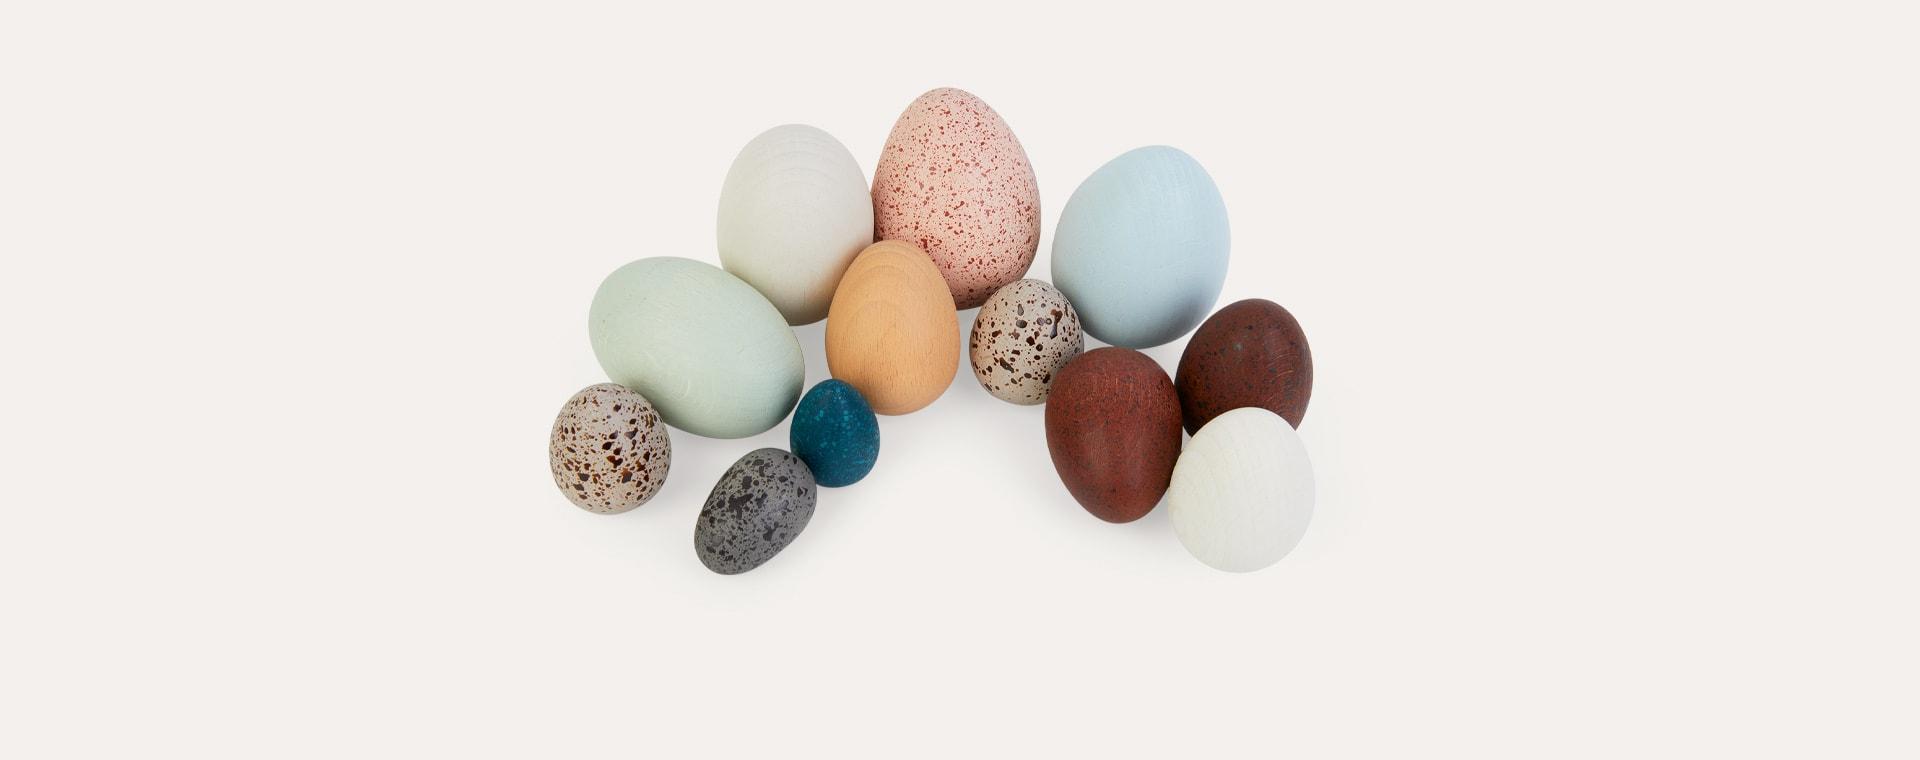 Multi Moon Picnic A Dozen Birds Eggs